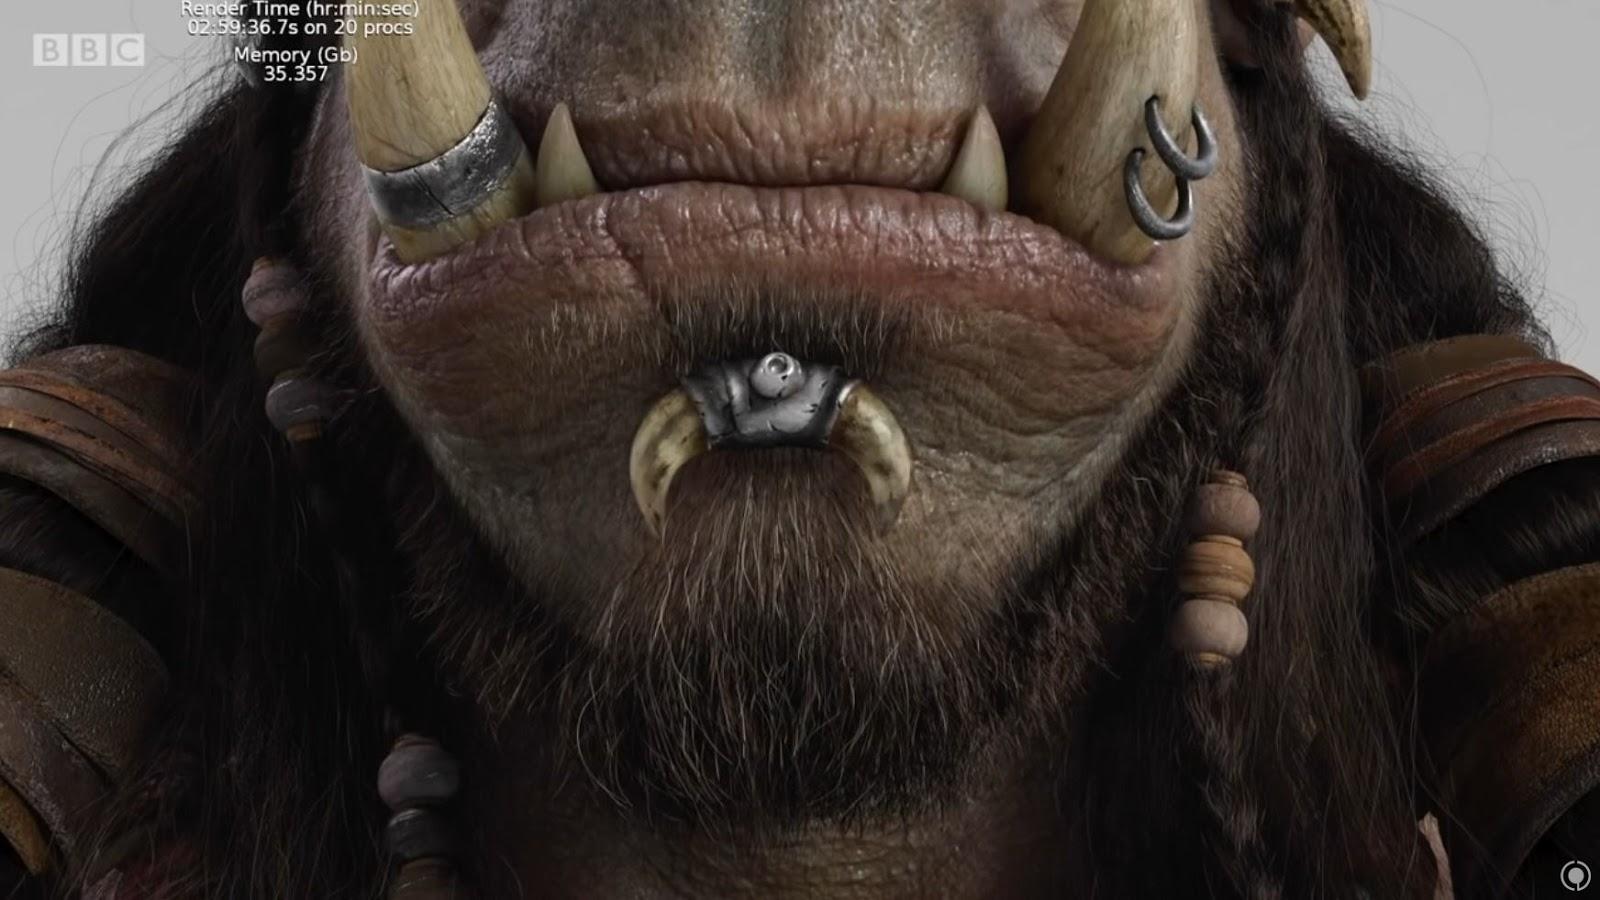 World of Warcraft CGI Oger Speed Modeling pt 2 with Maya - YouTube